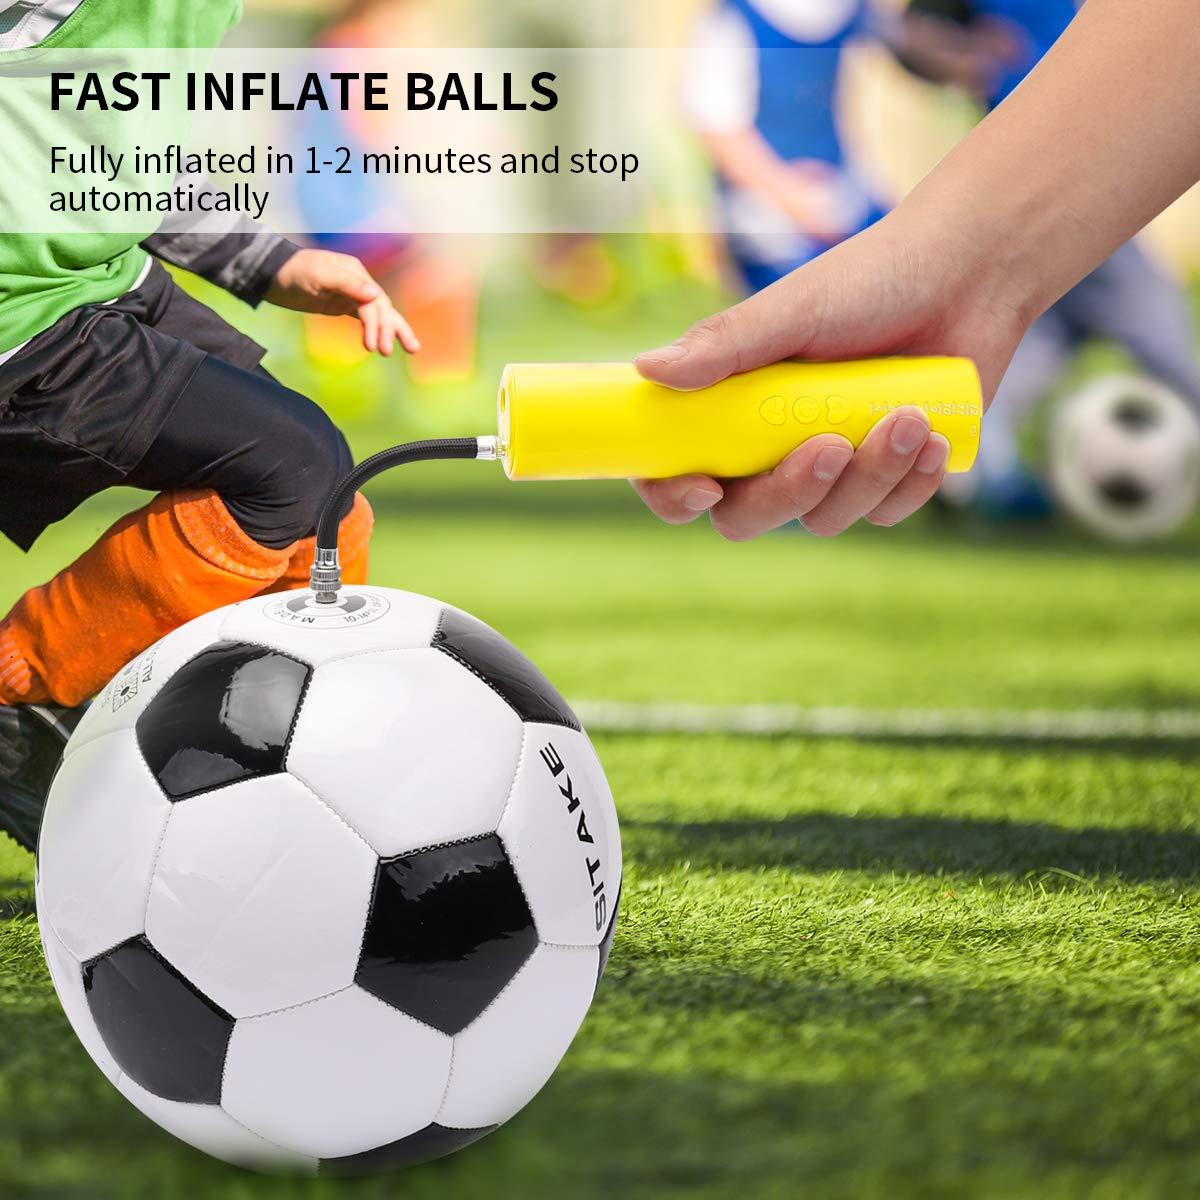 morpilot Inflador Balones Electrico, Mini Bomba de Aire Portátil con Agujas para Baloncesto Futbol Rugby Voleibol Balones y Otras Pelotas Inflables (Batería No Incluida)